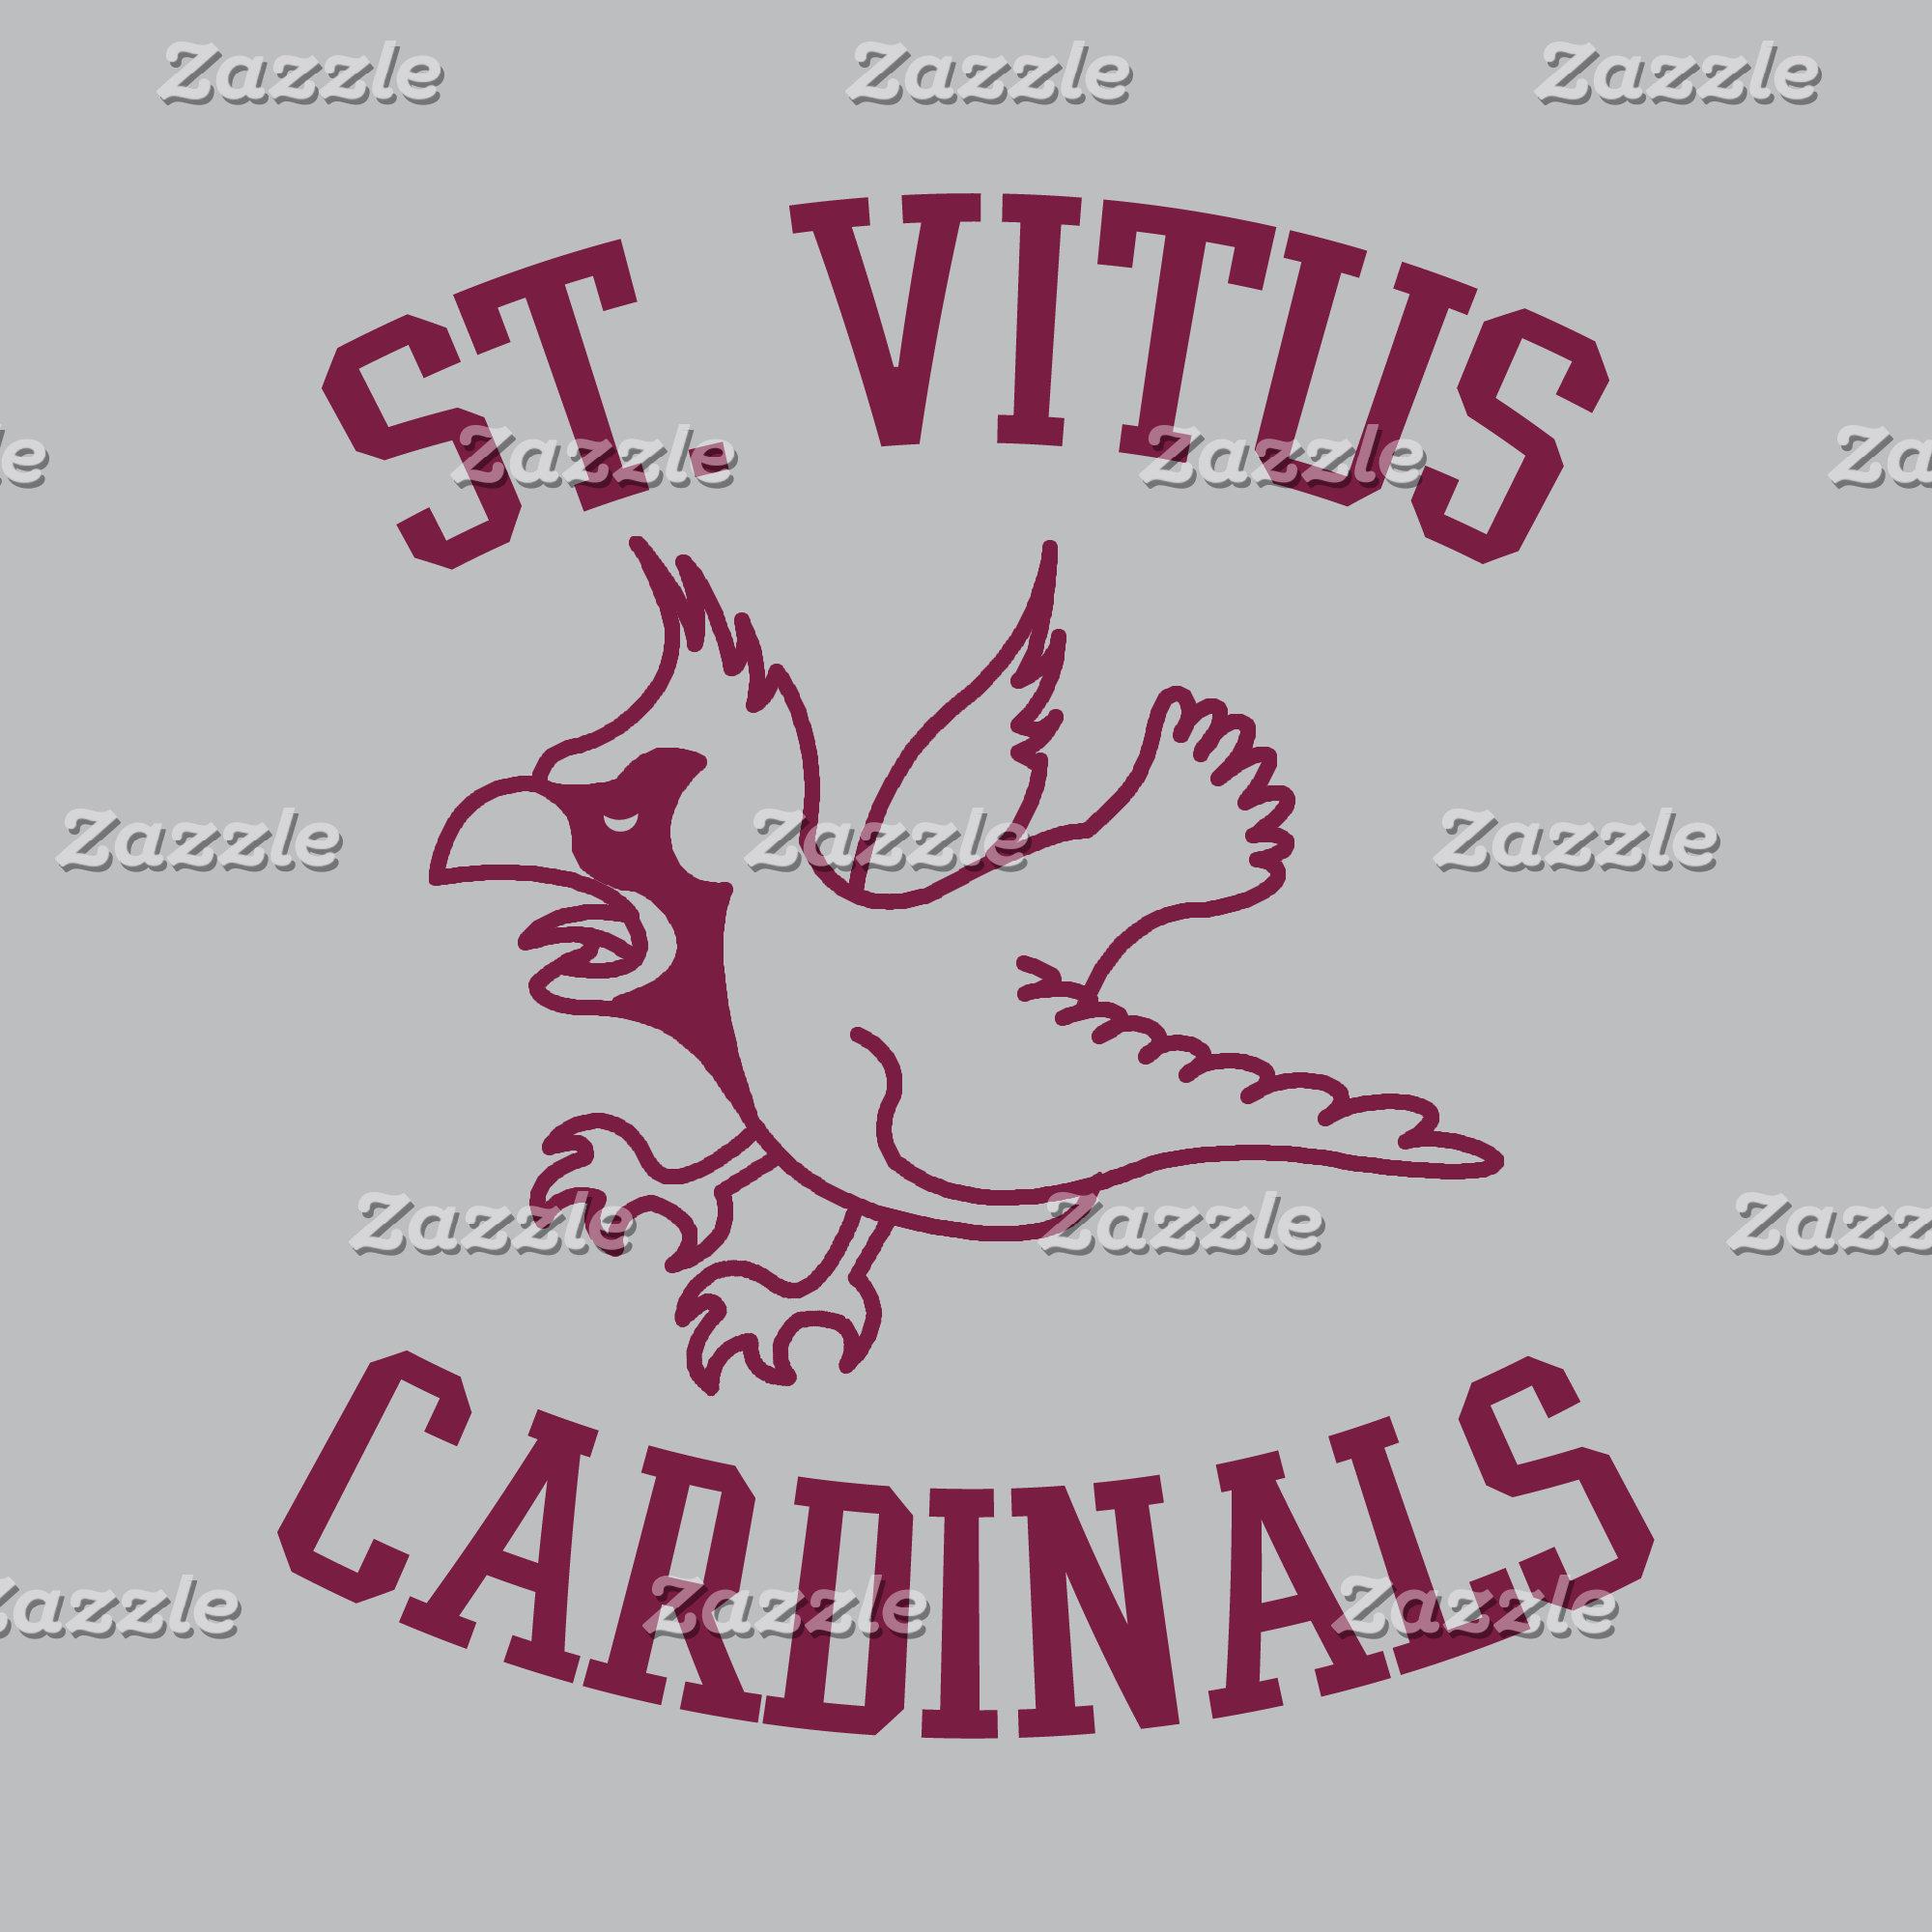 St. Vitus Cardinals